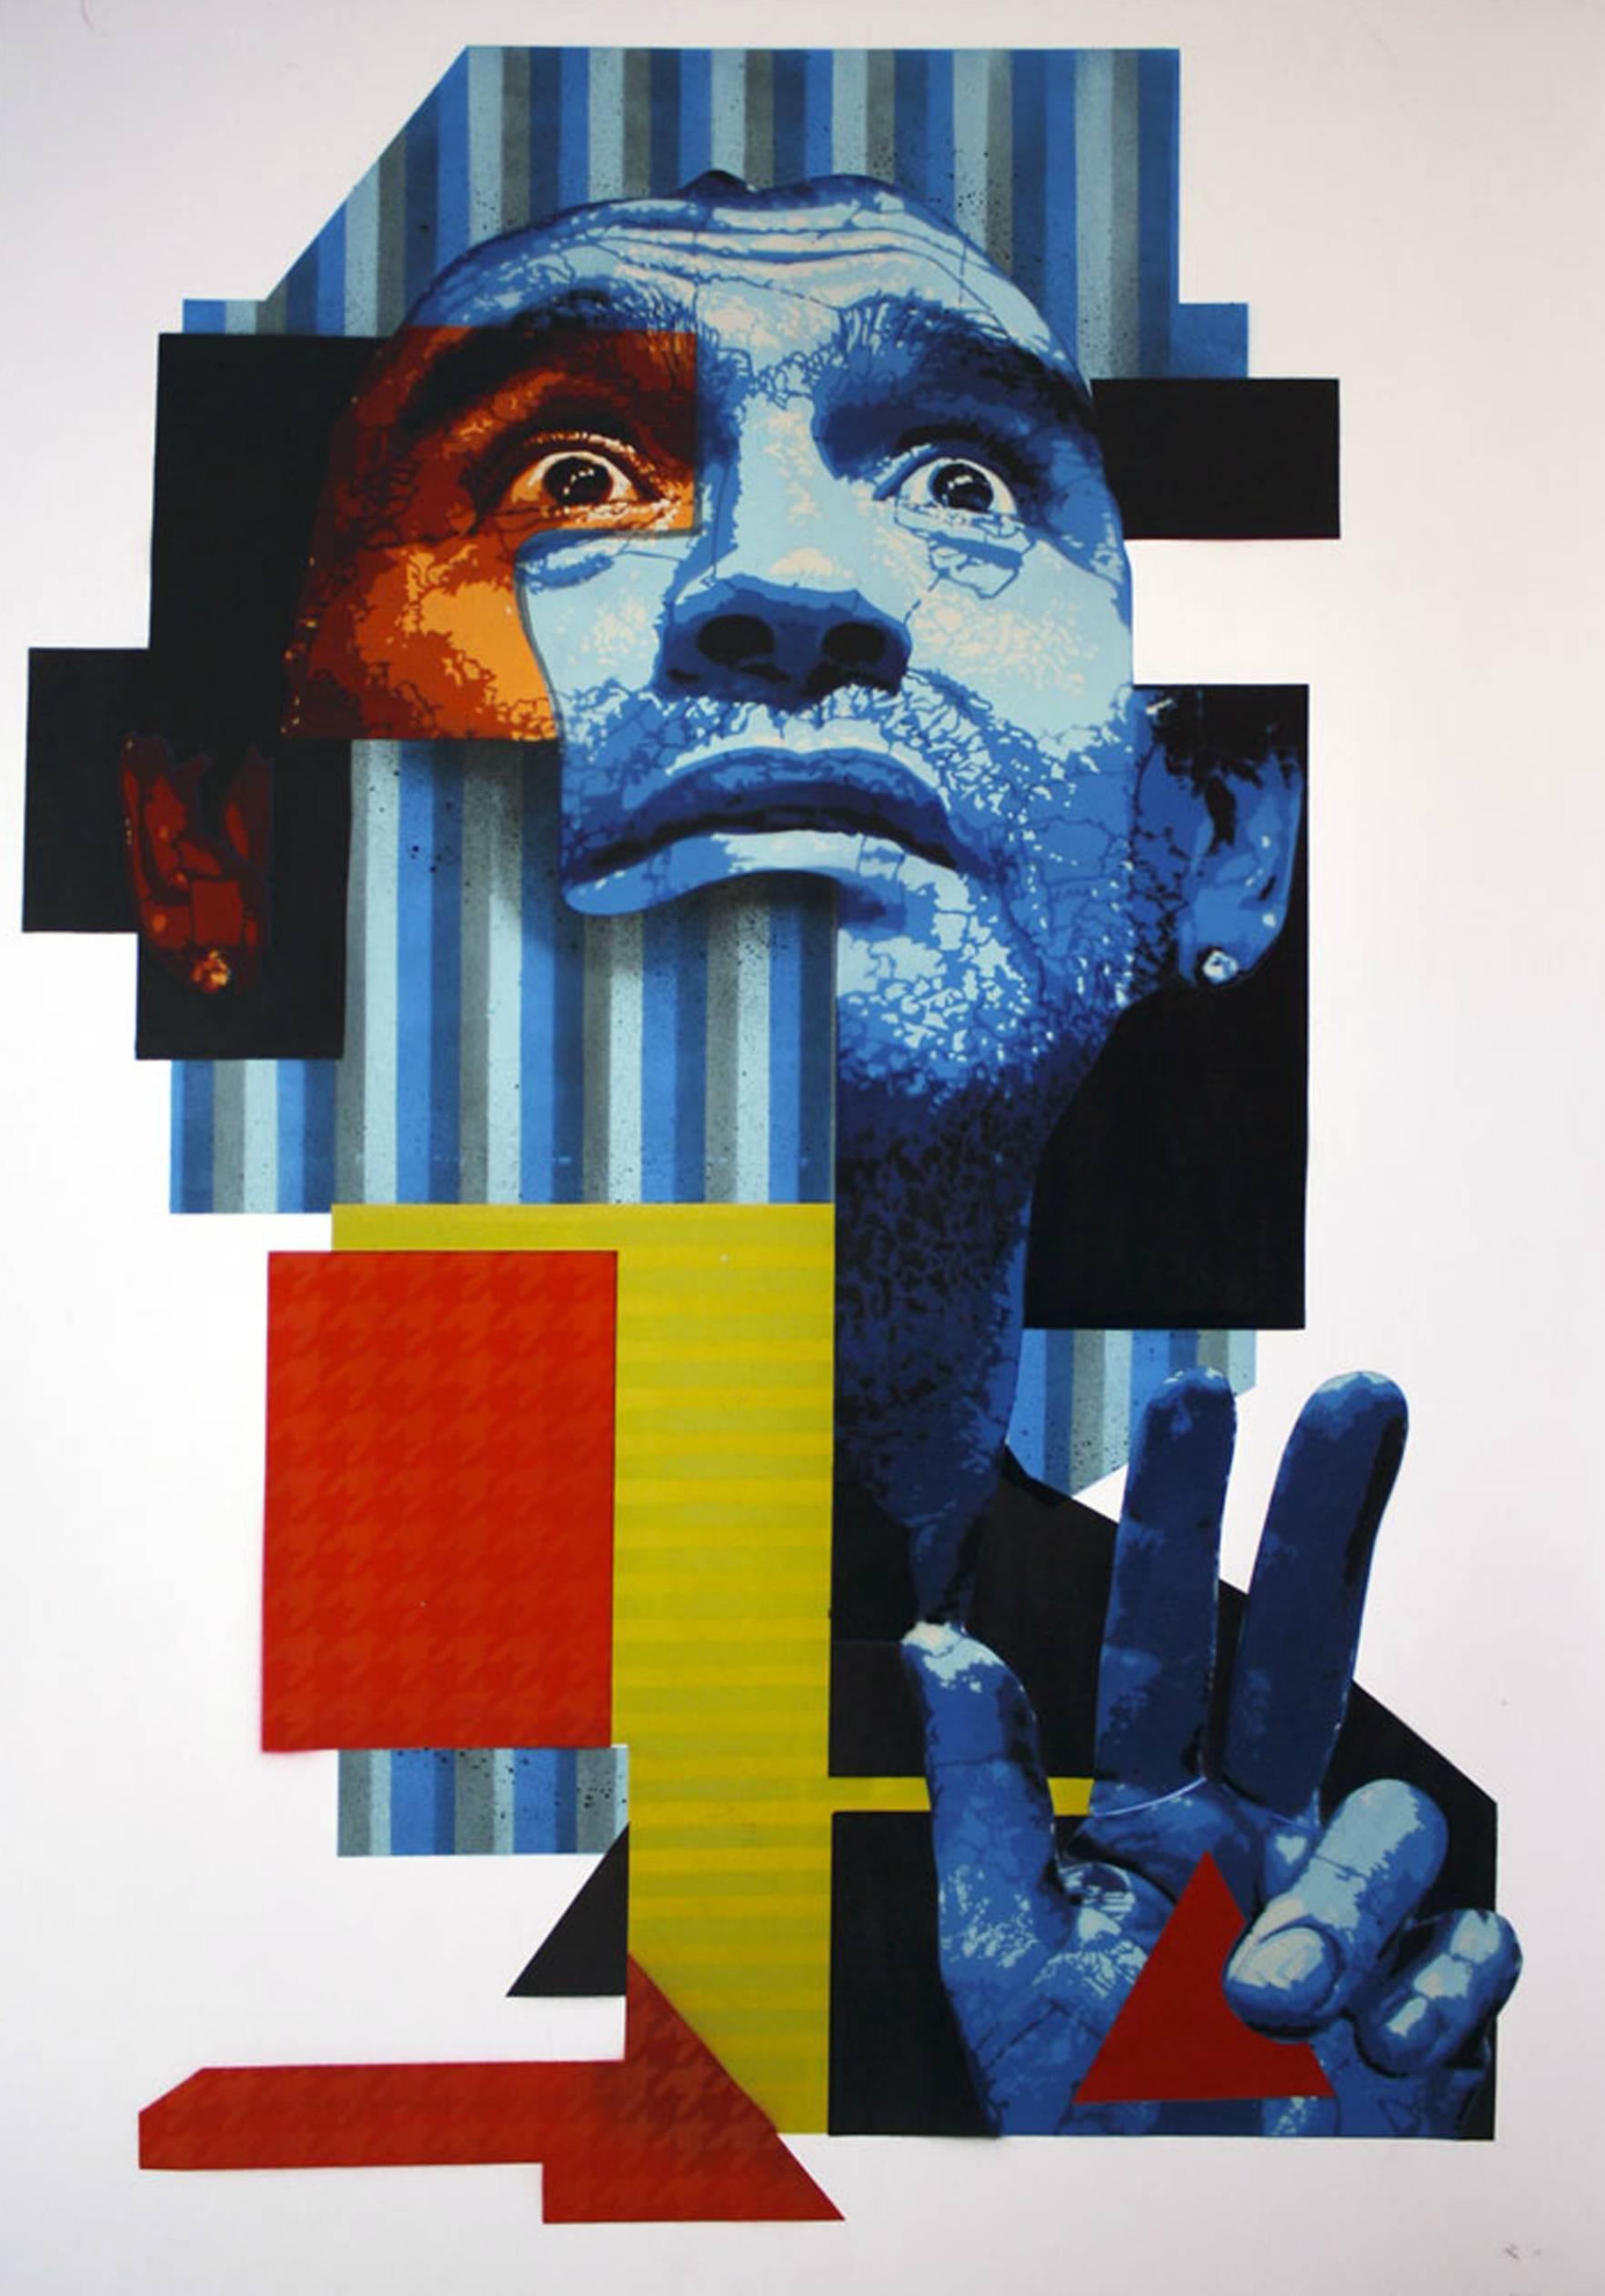 La mano de Dios, Portrait of Diego Armando Maradona